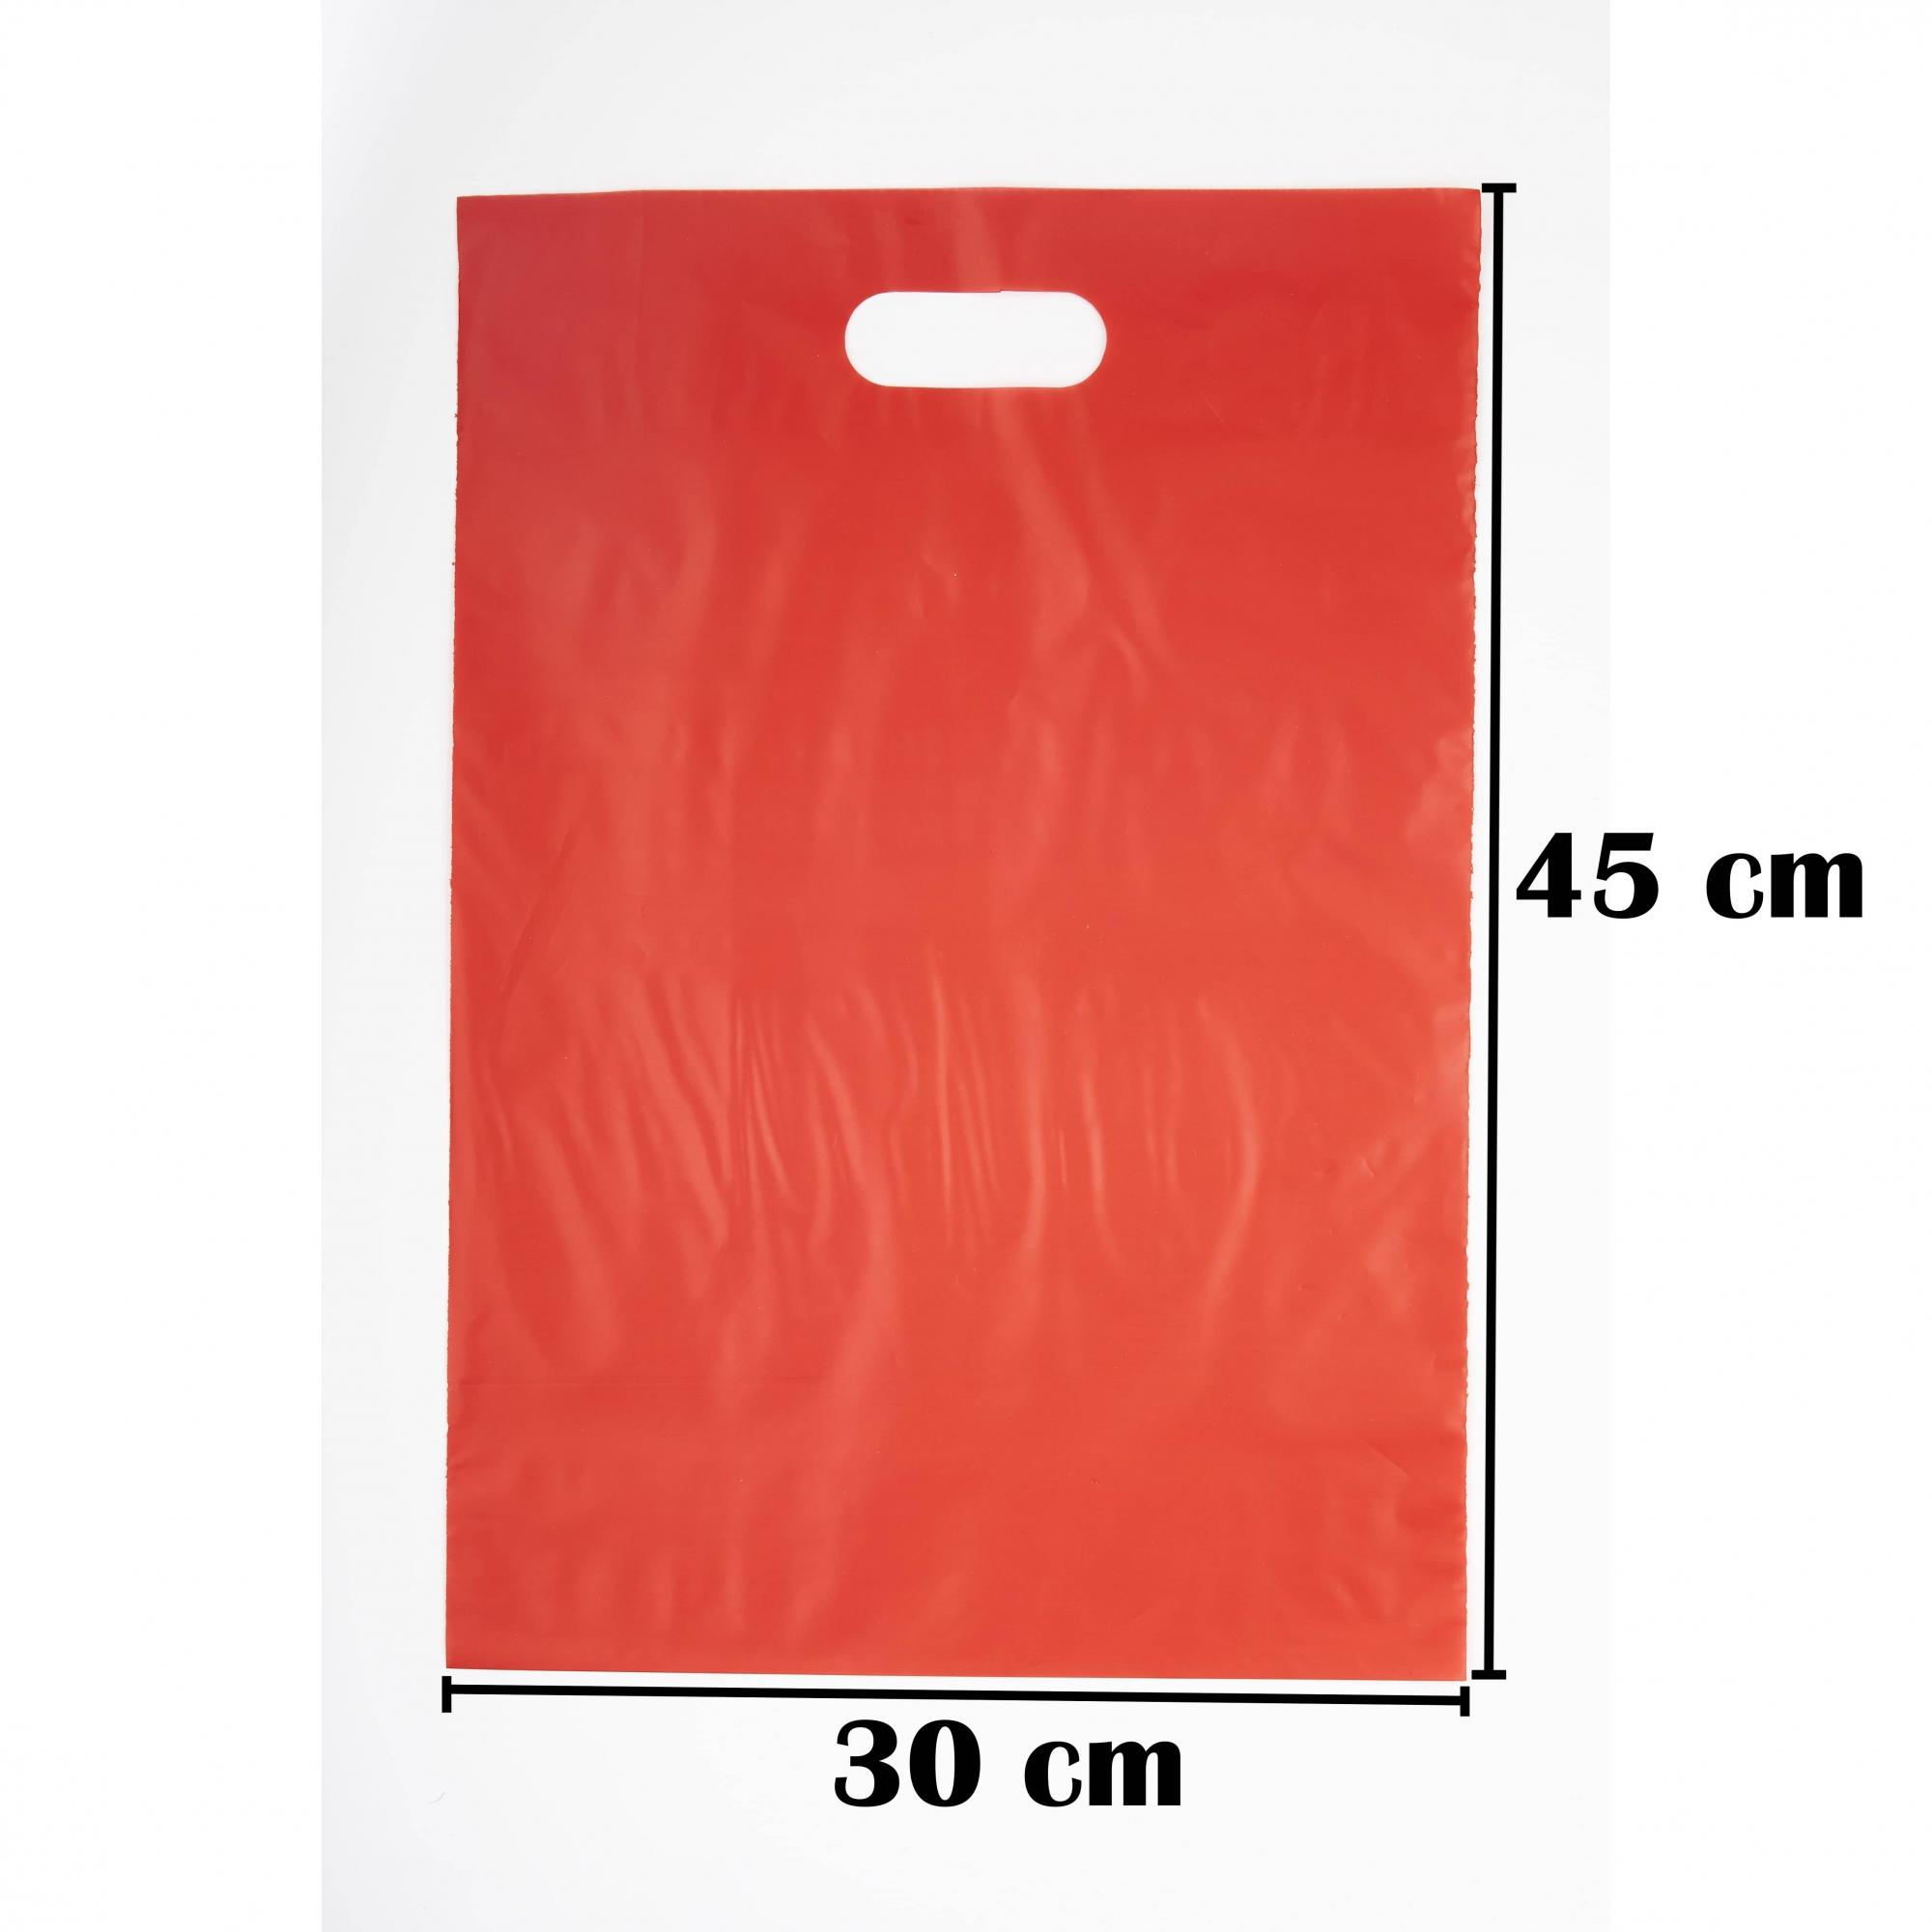 Sacola Plástica 30x45 Vermelha Alça Boca de Palhaço 1.000 Unidades